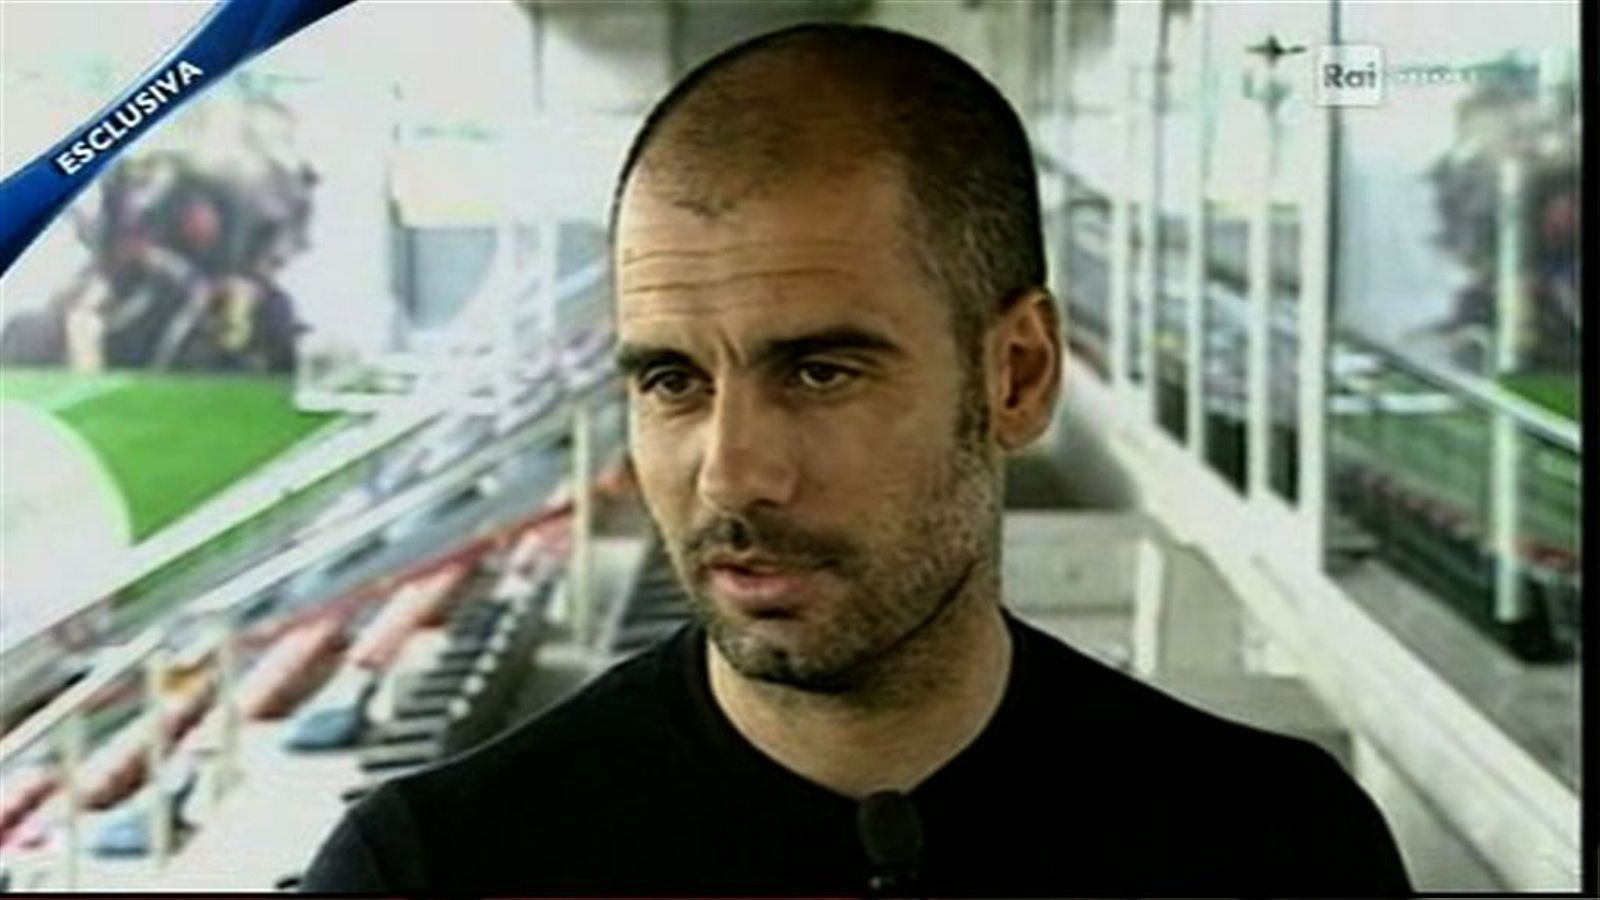 Guardiola diu en una entrevista a la RAI que la seva etapa al Barça s'està acabant